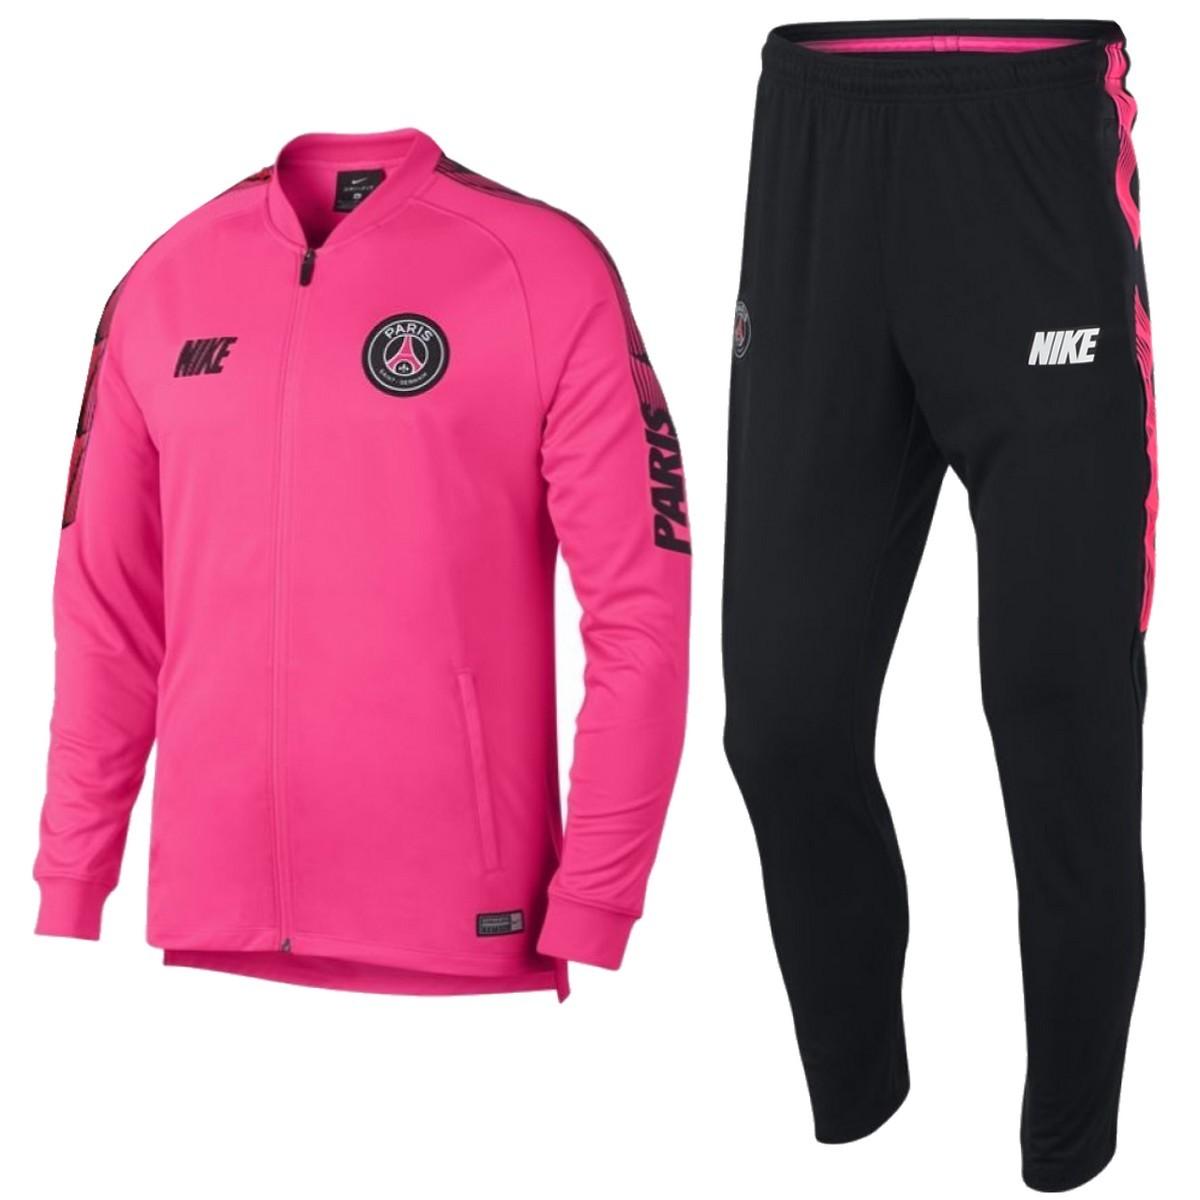 Tuta da rappresentanza rosa PSG Paris Saint Germain 2019 - Nike